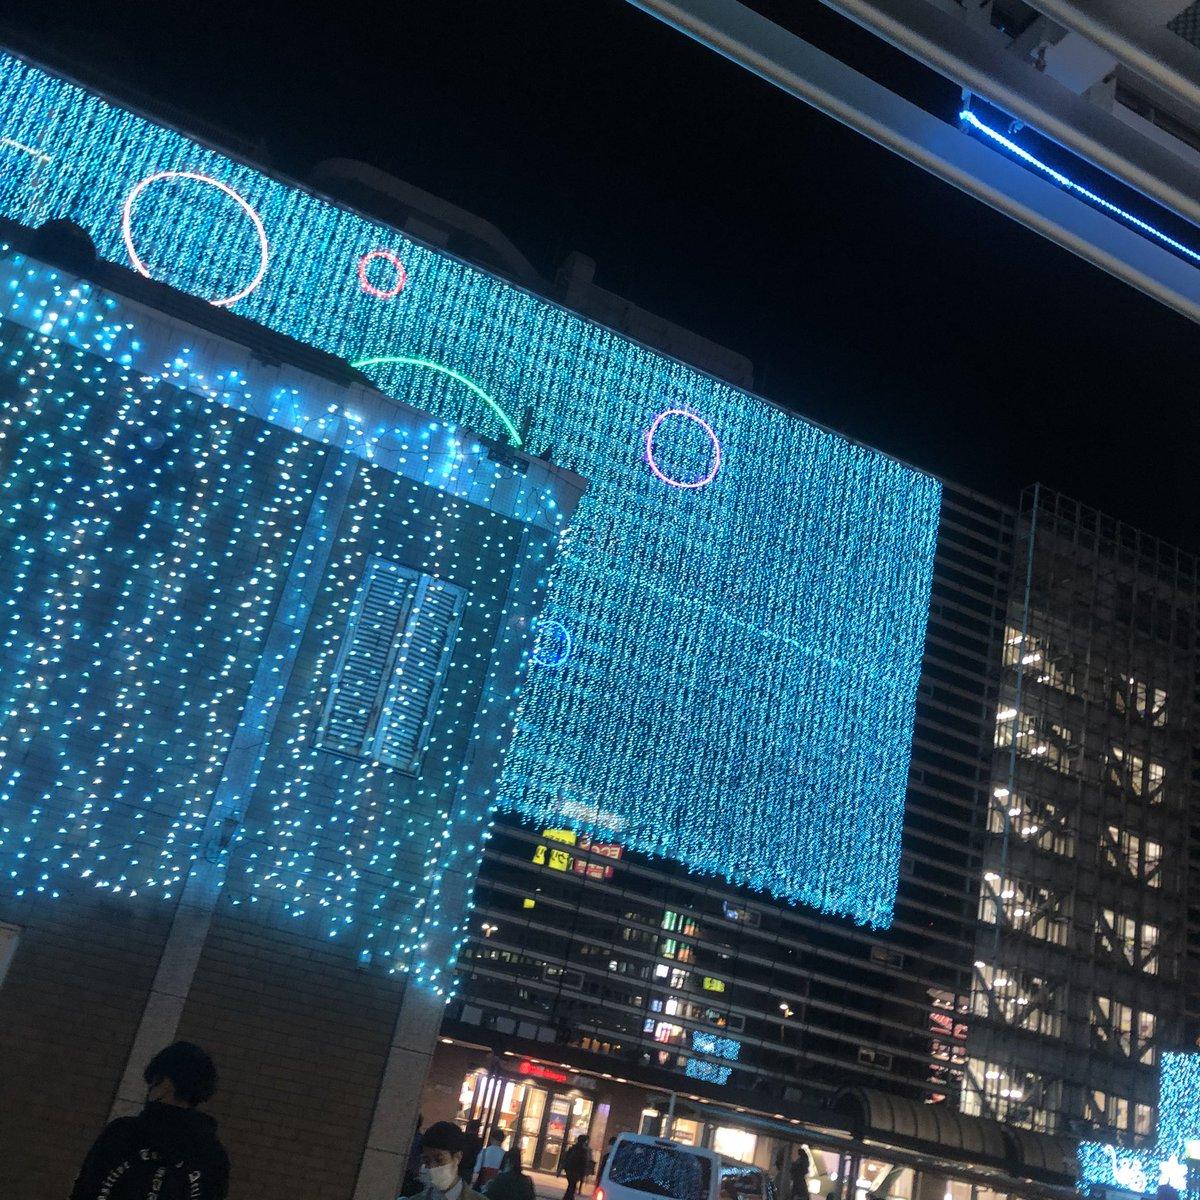 みなさんこんにちは!横浜駅のイルミネーション、今年は青でした❄️去年たしかゴールドでしたよね?#Twitter転職 #sus4 #エンジニアと繋がりたい #池袋 #SES営業 #情報交換#ビジネスパートナー募集中